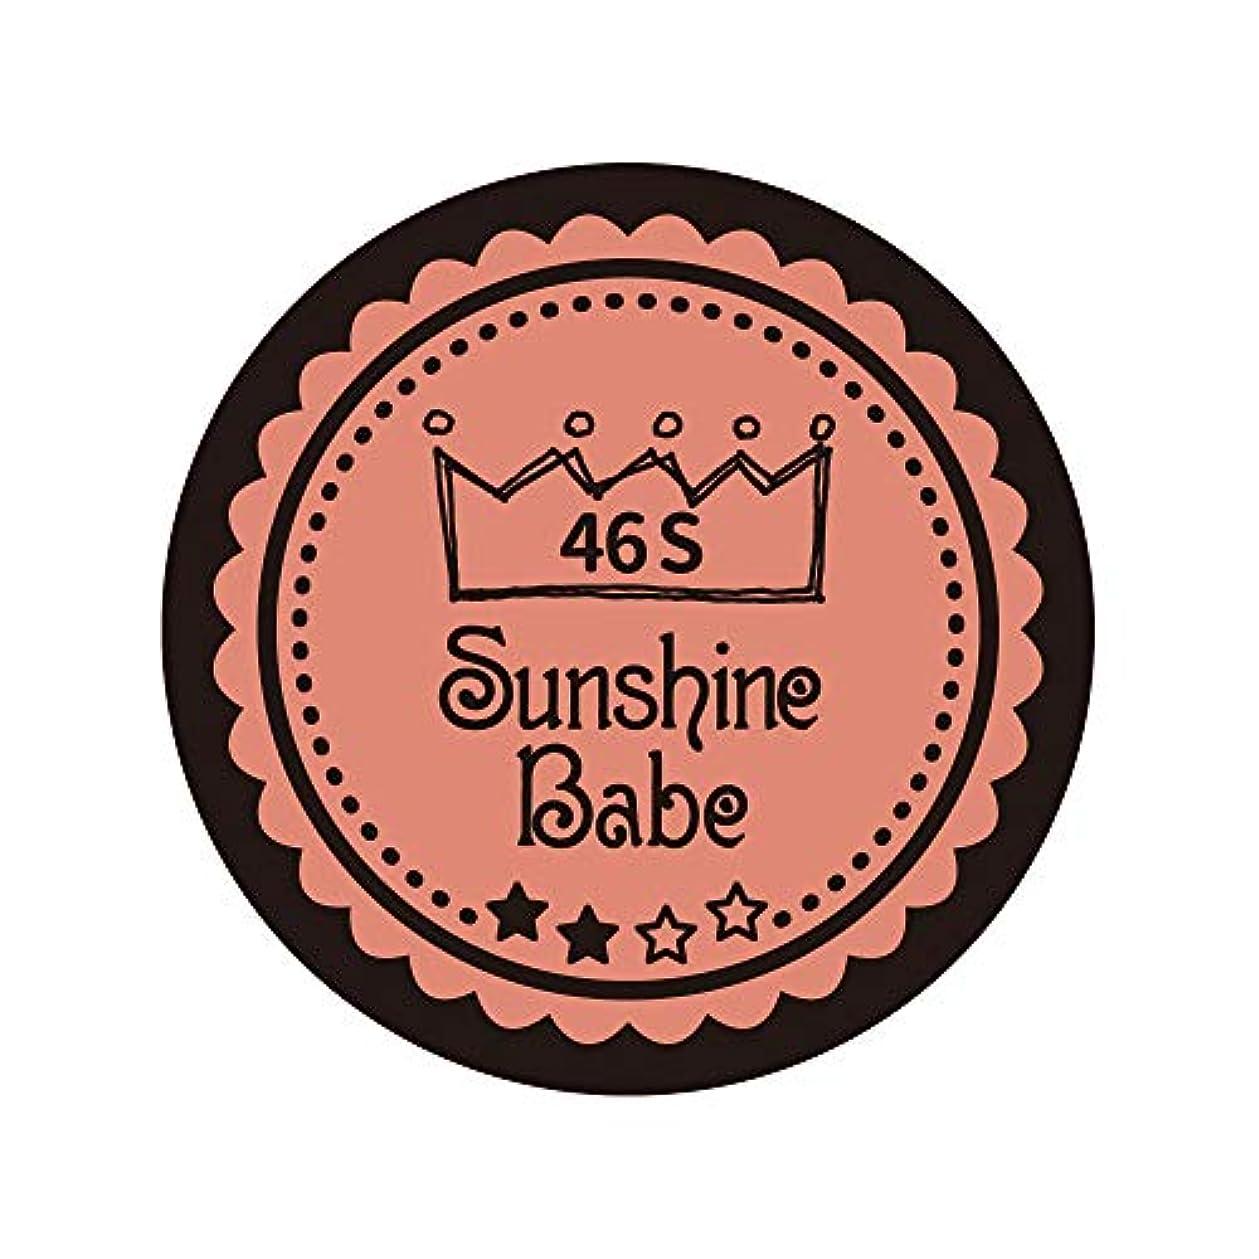 統計含む軽減するSunshine Babe カラージェル 46S ピンクベージュ 2.7g UV/LED対応